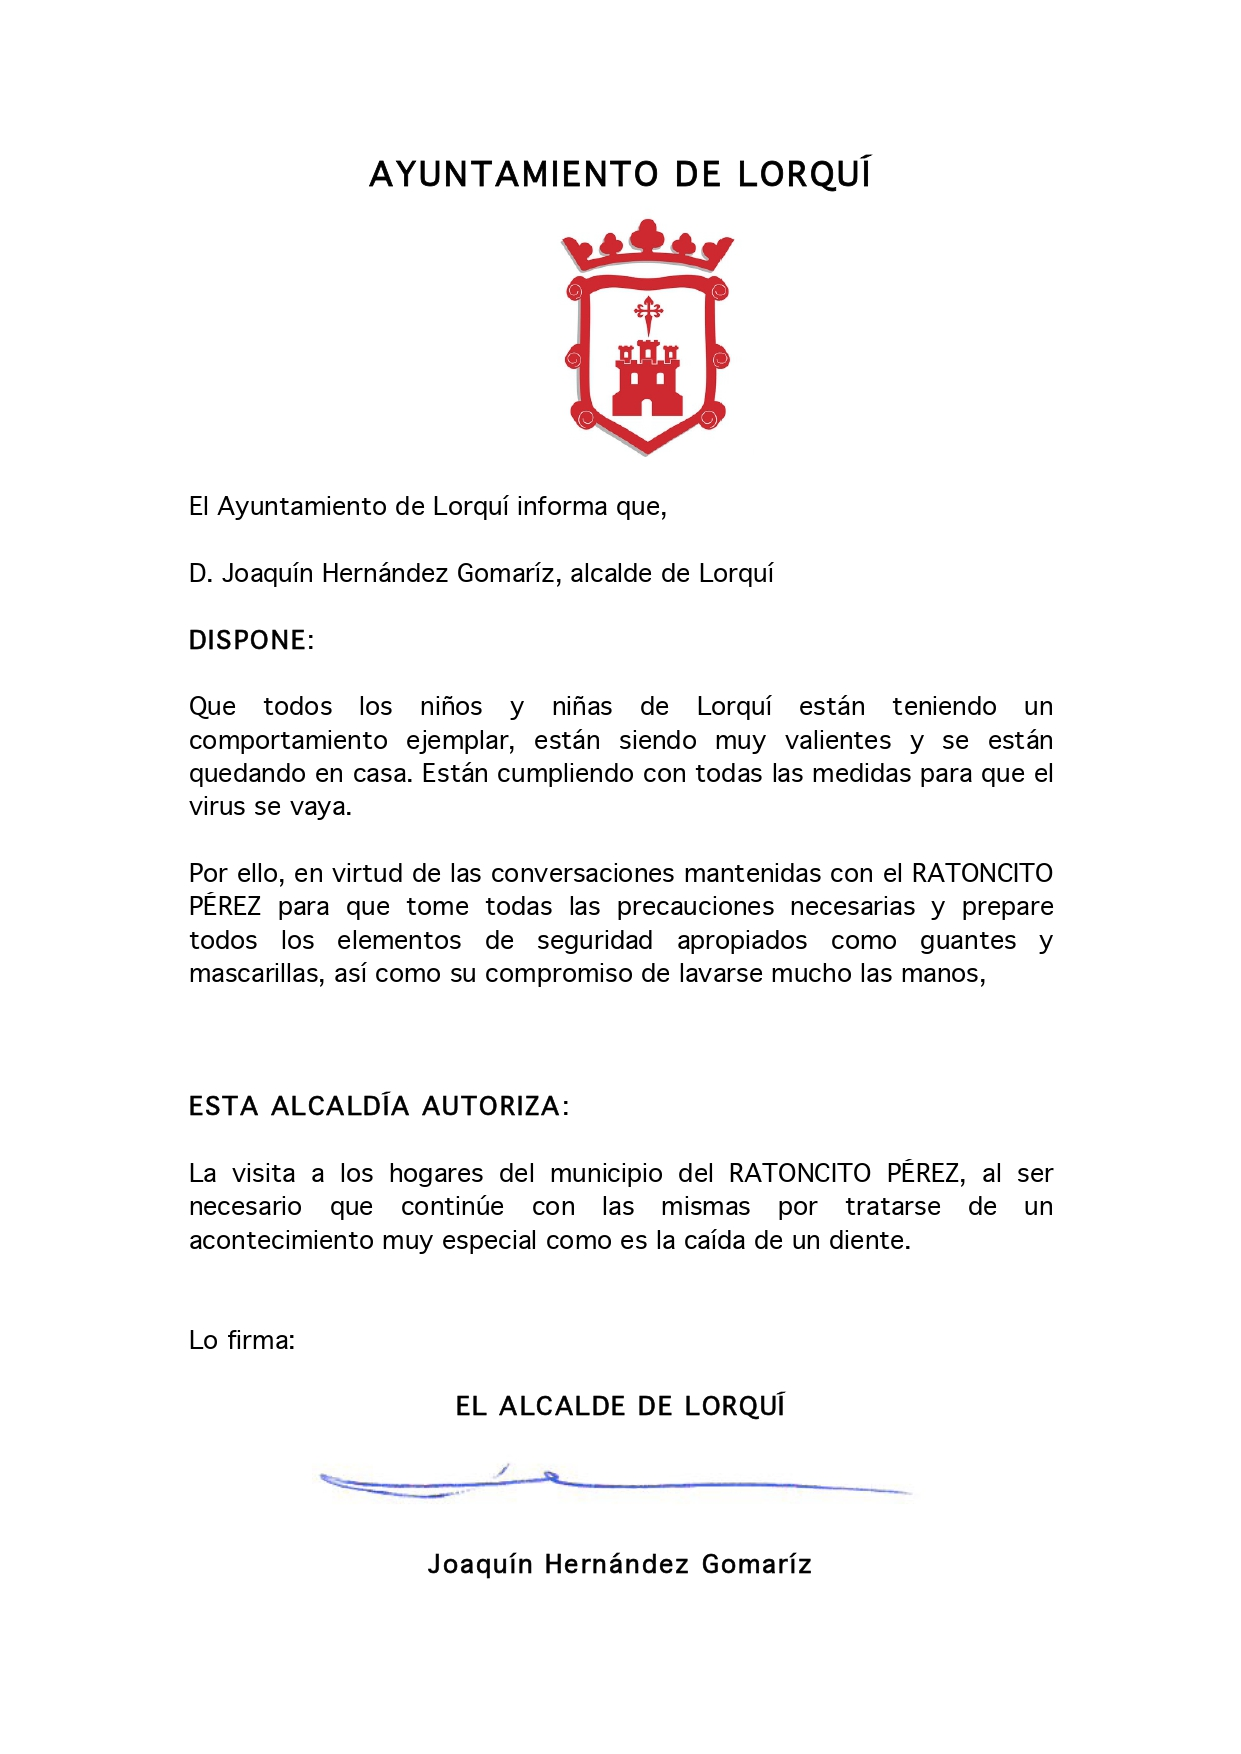 COMUNICADO OFICIAL PARA LOS NIÑOS Y NIÑAS DE LORQUÍ